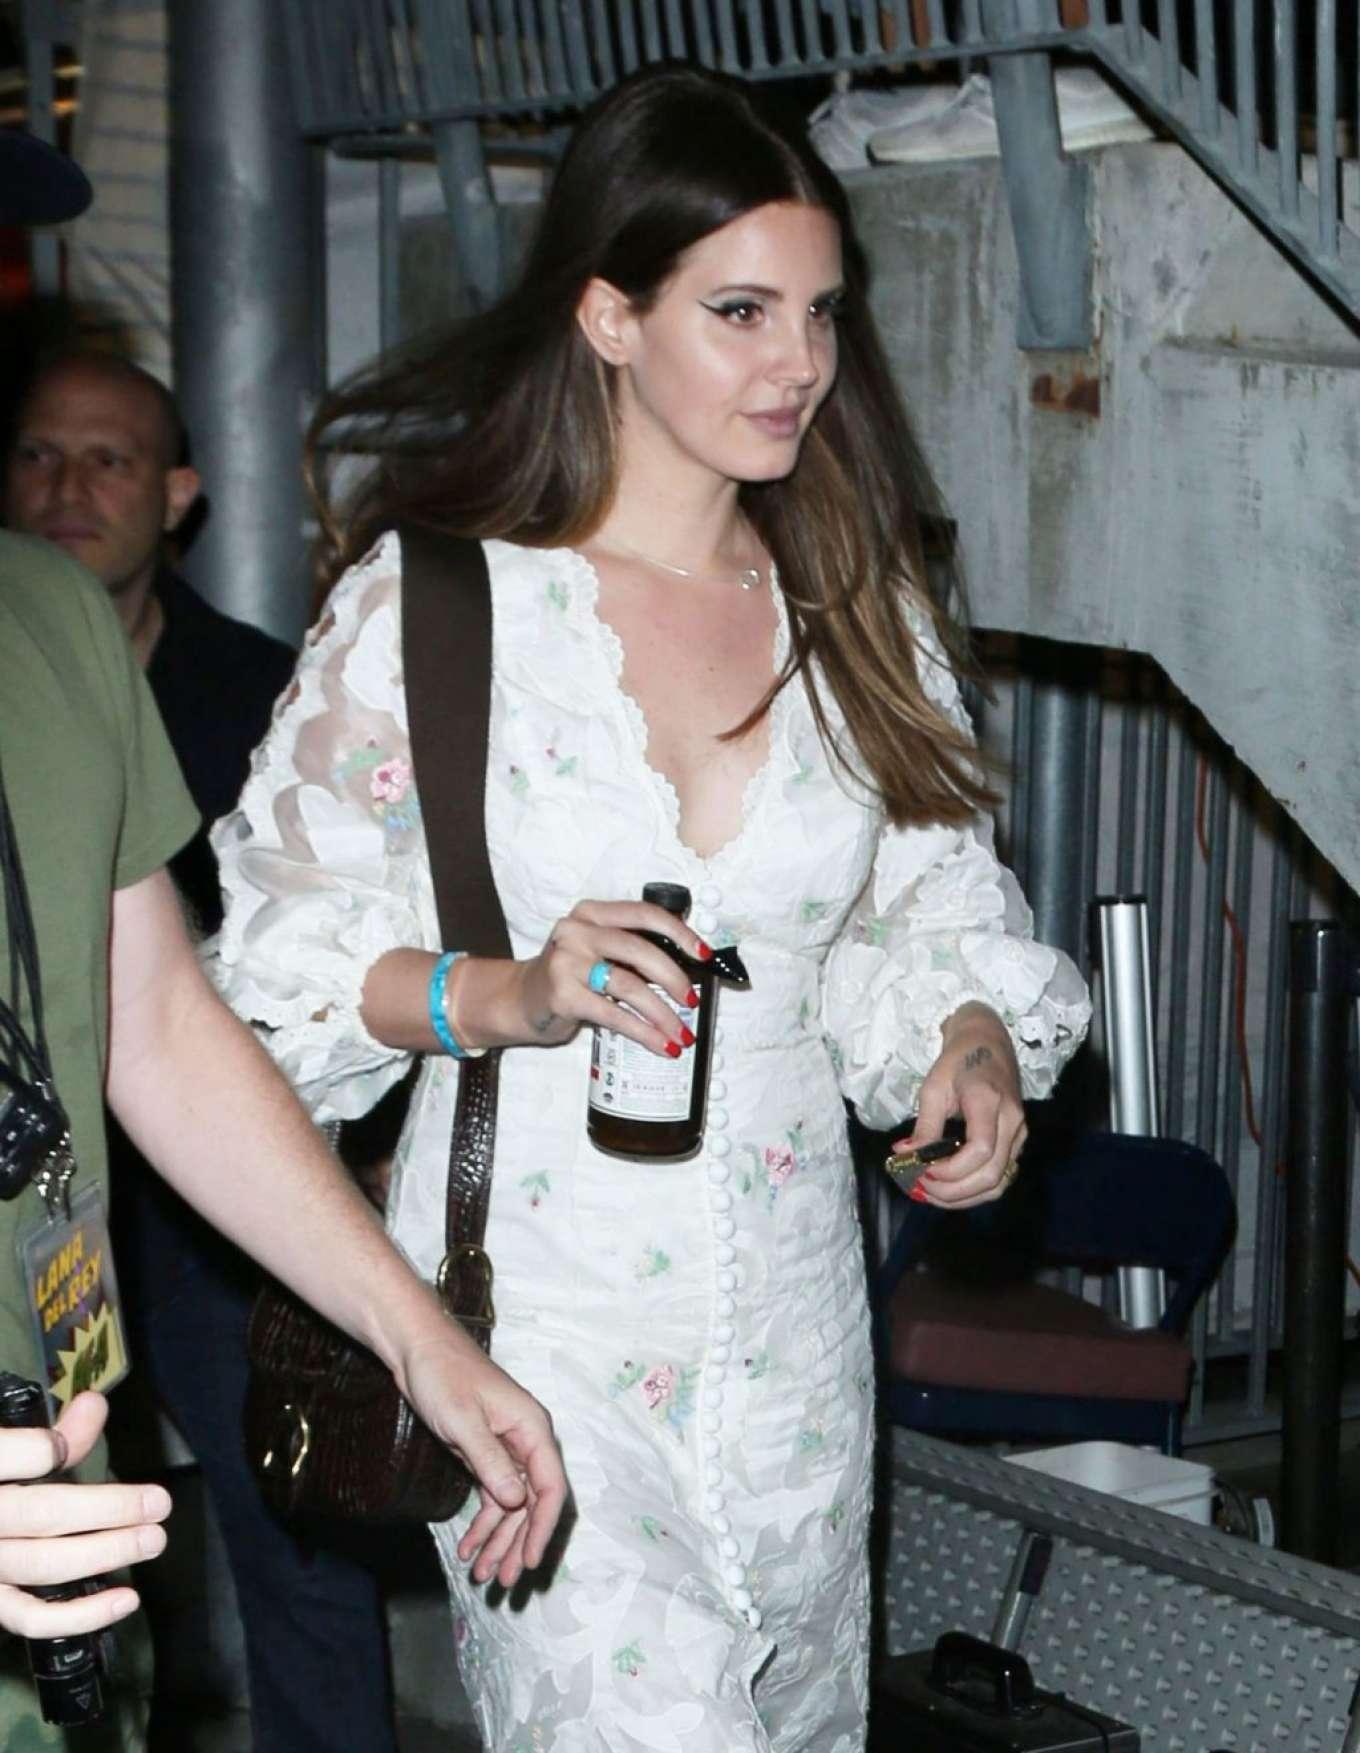 Lana Del Rey - Arrives at Hollywood Bowl concert in LA